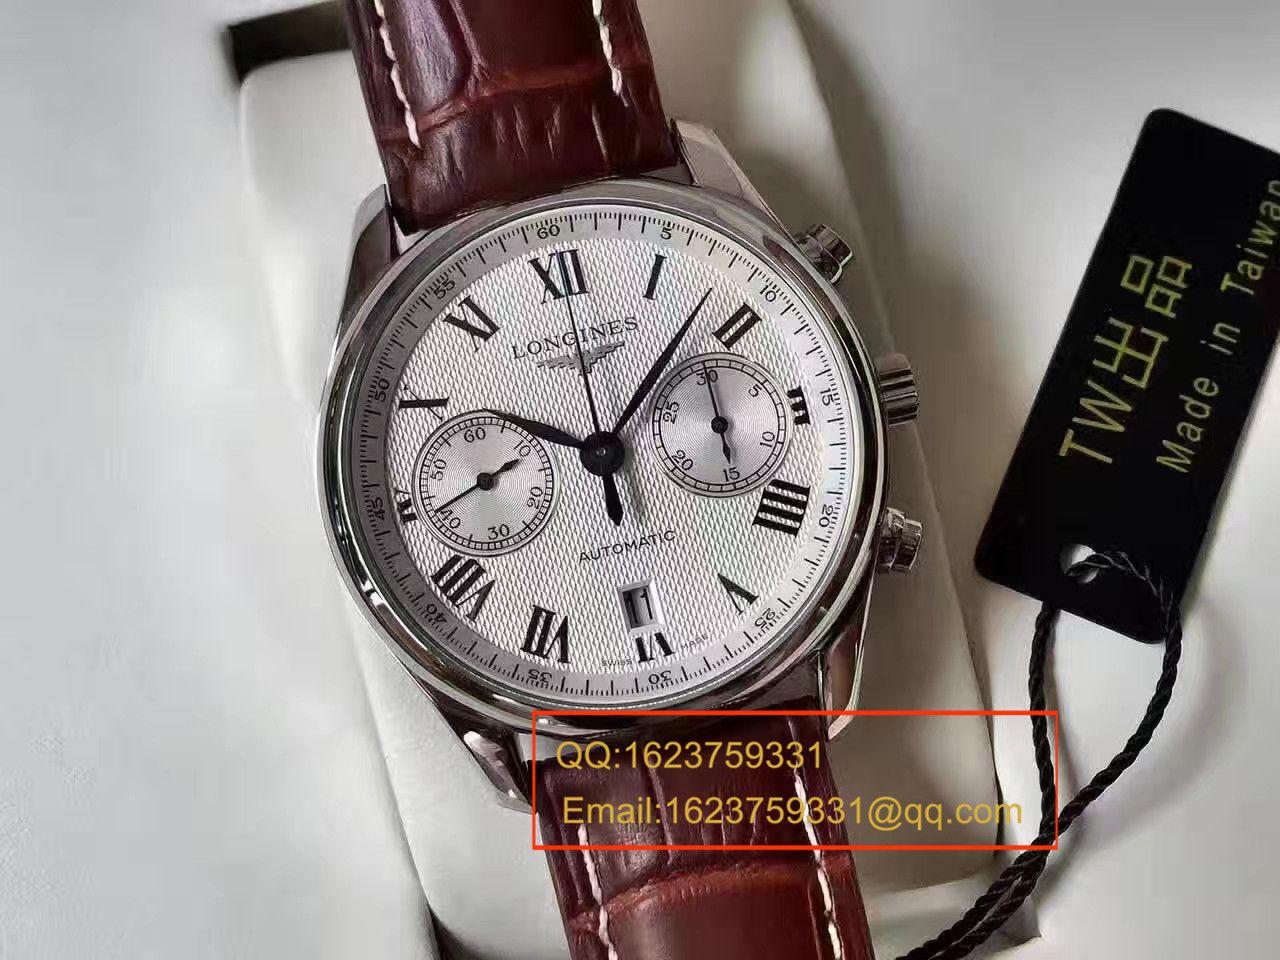 【TW台湾厂1比1超A高仿手表】浪琴制表传统名匠系列L2.629.4.78.3腕表 / L086